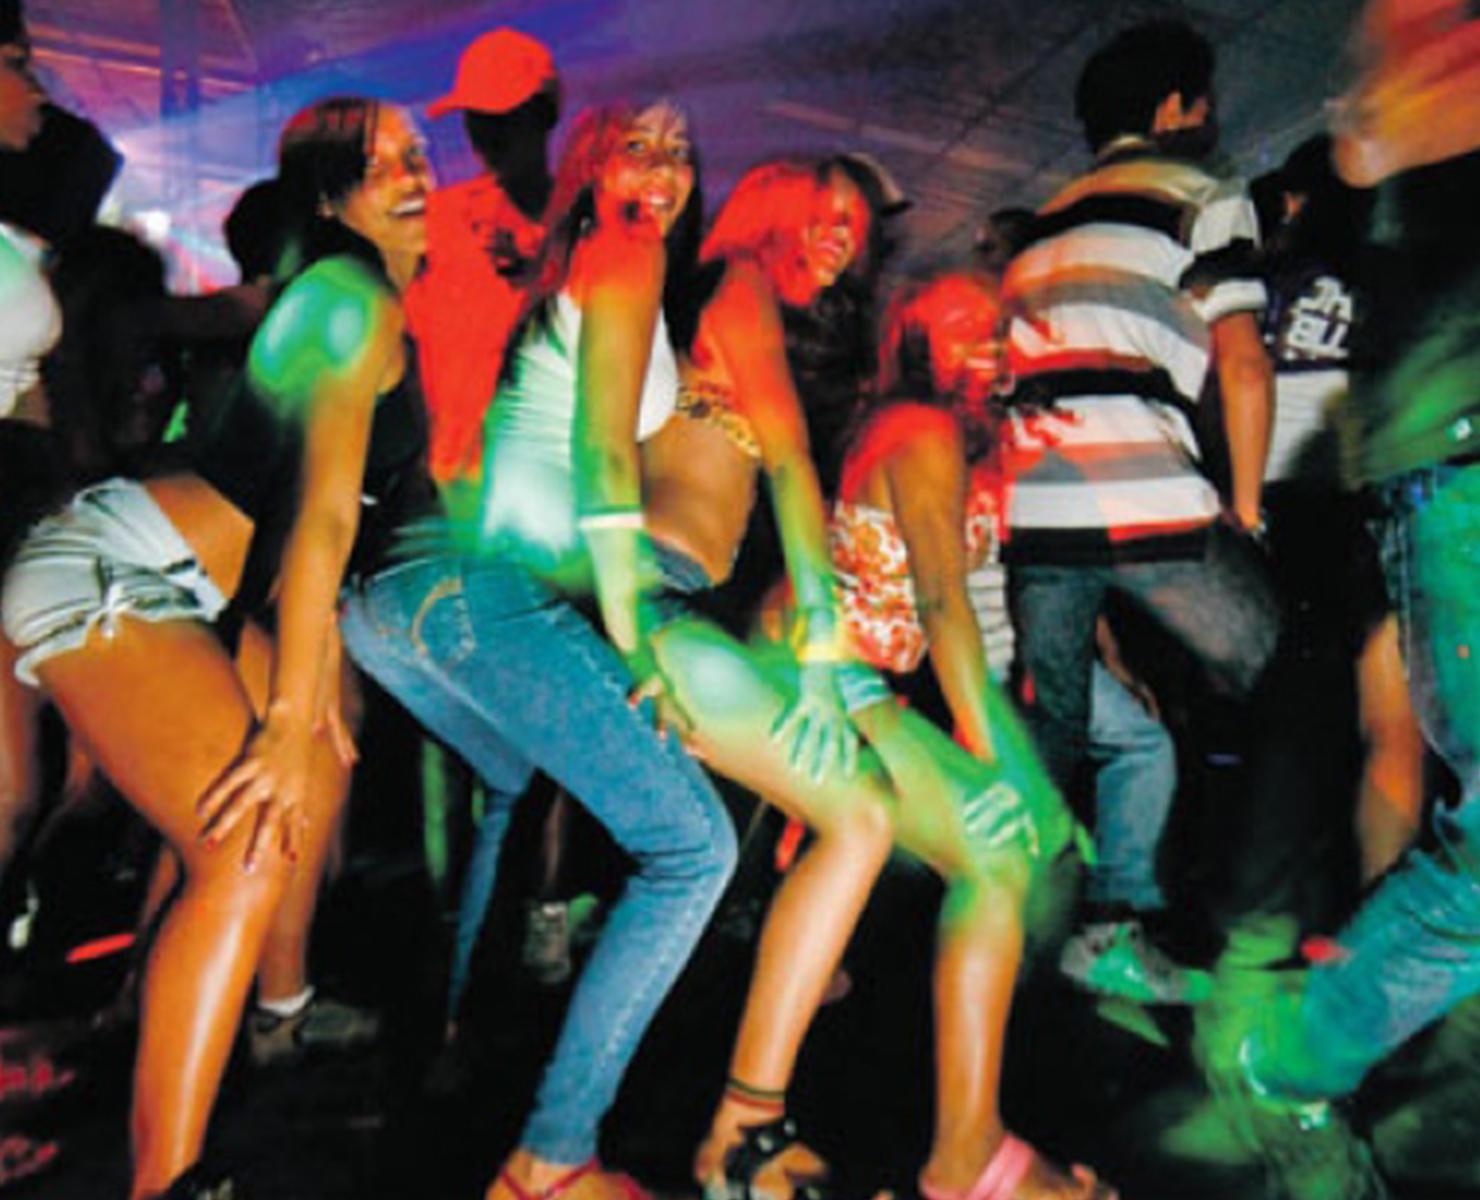 MÚSICA: ROCK E FUNK PODERÃO SER CRIMINALIZADOS